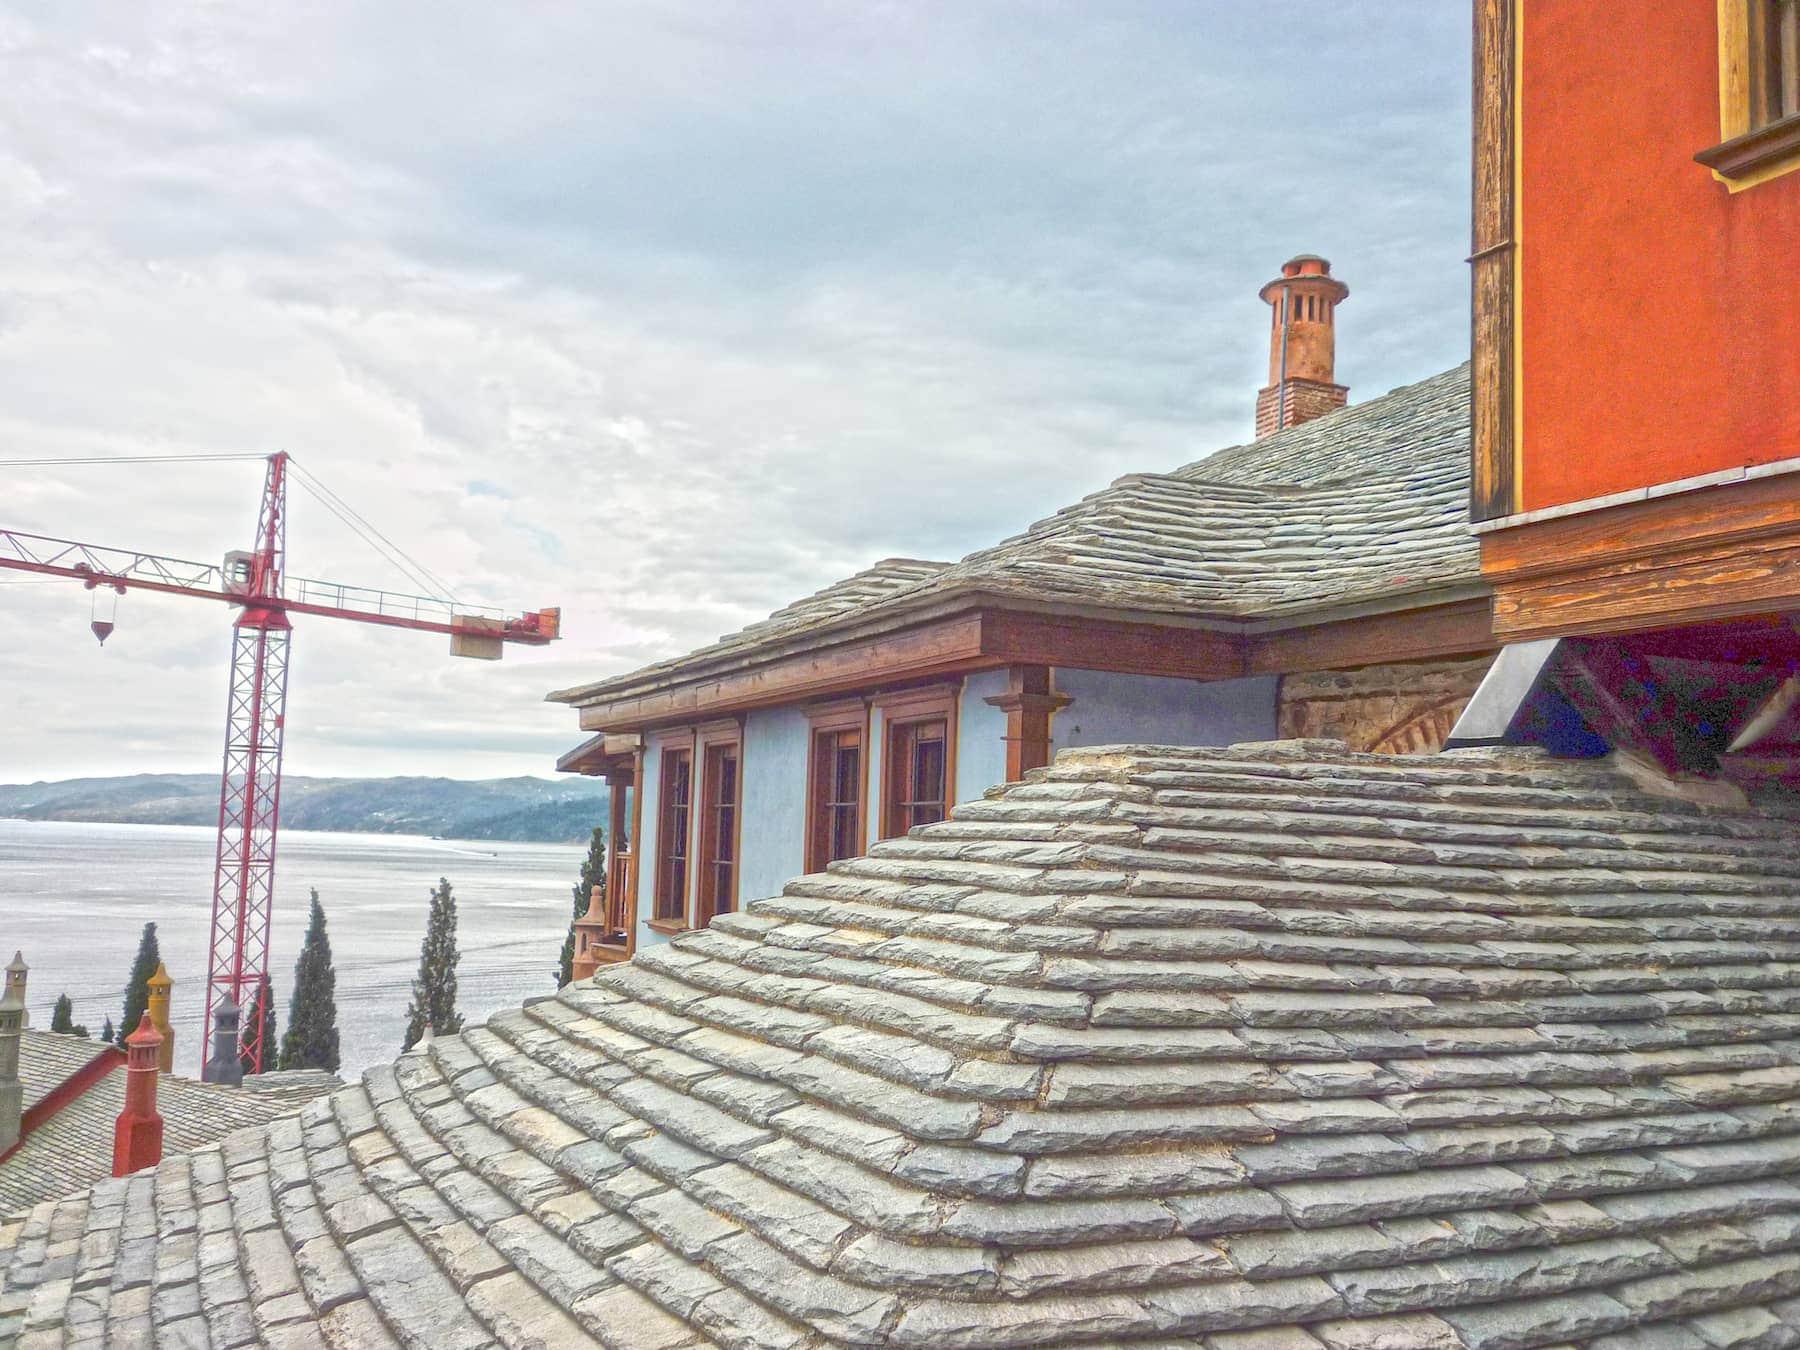 συγκρότημα Ιεράς Μονής στο Άγιον Όρος με ξύλινα παράθυρα